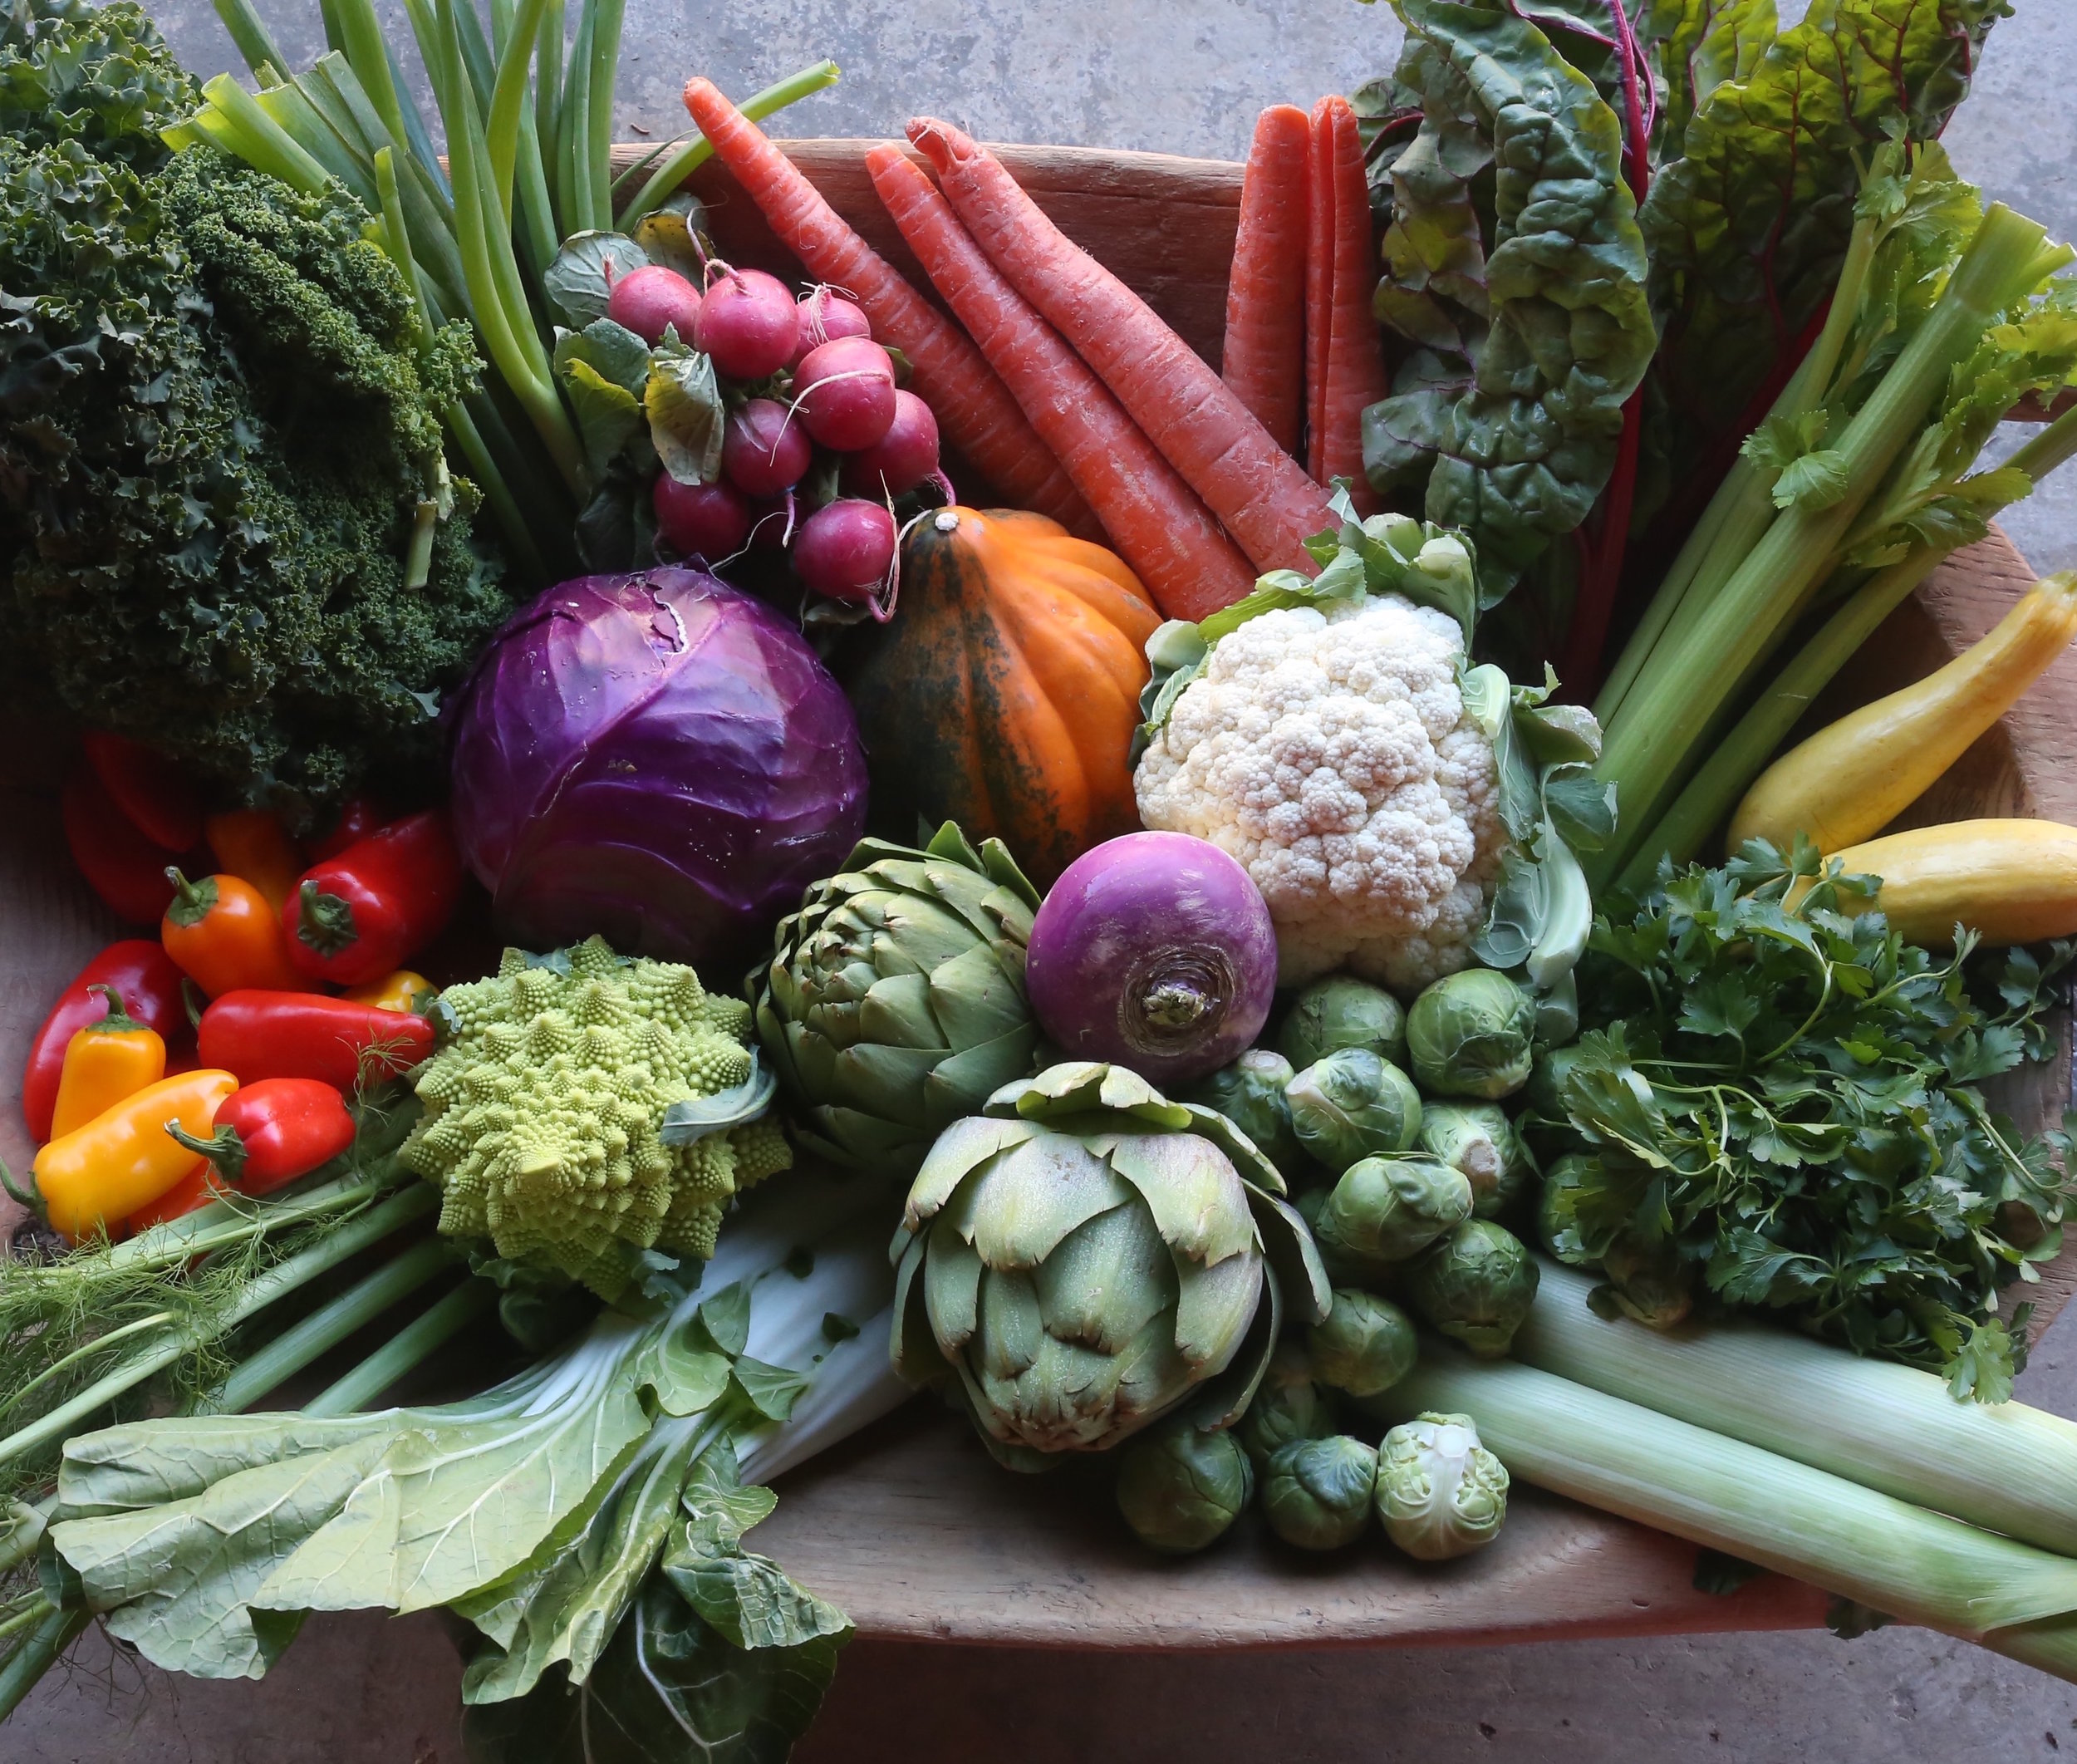 23851-Variety-Of-Vegetables crop.jpeg